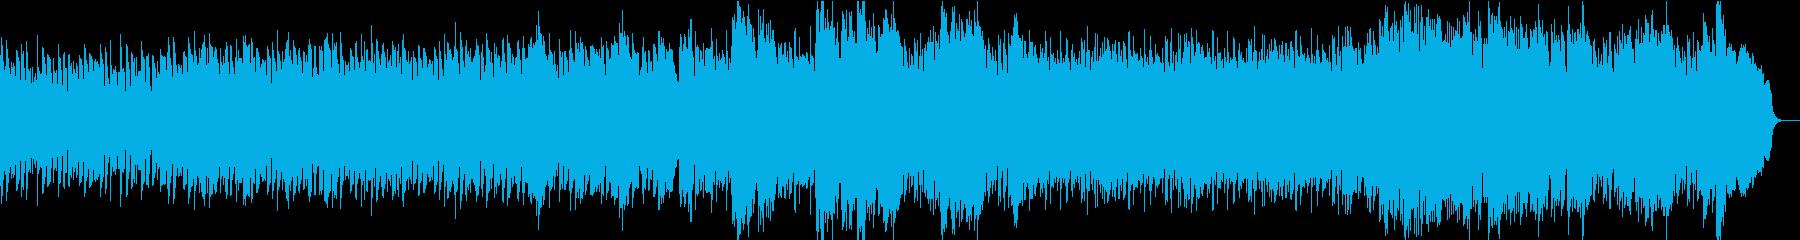 優しくつつむ感動ピアノ:ピアノとソロ弦の再生済みの波形